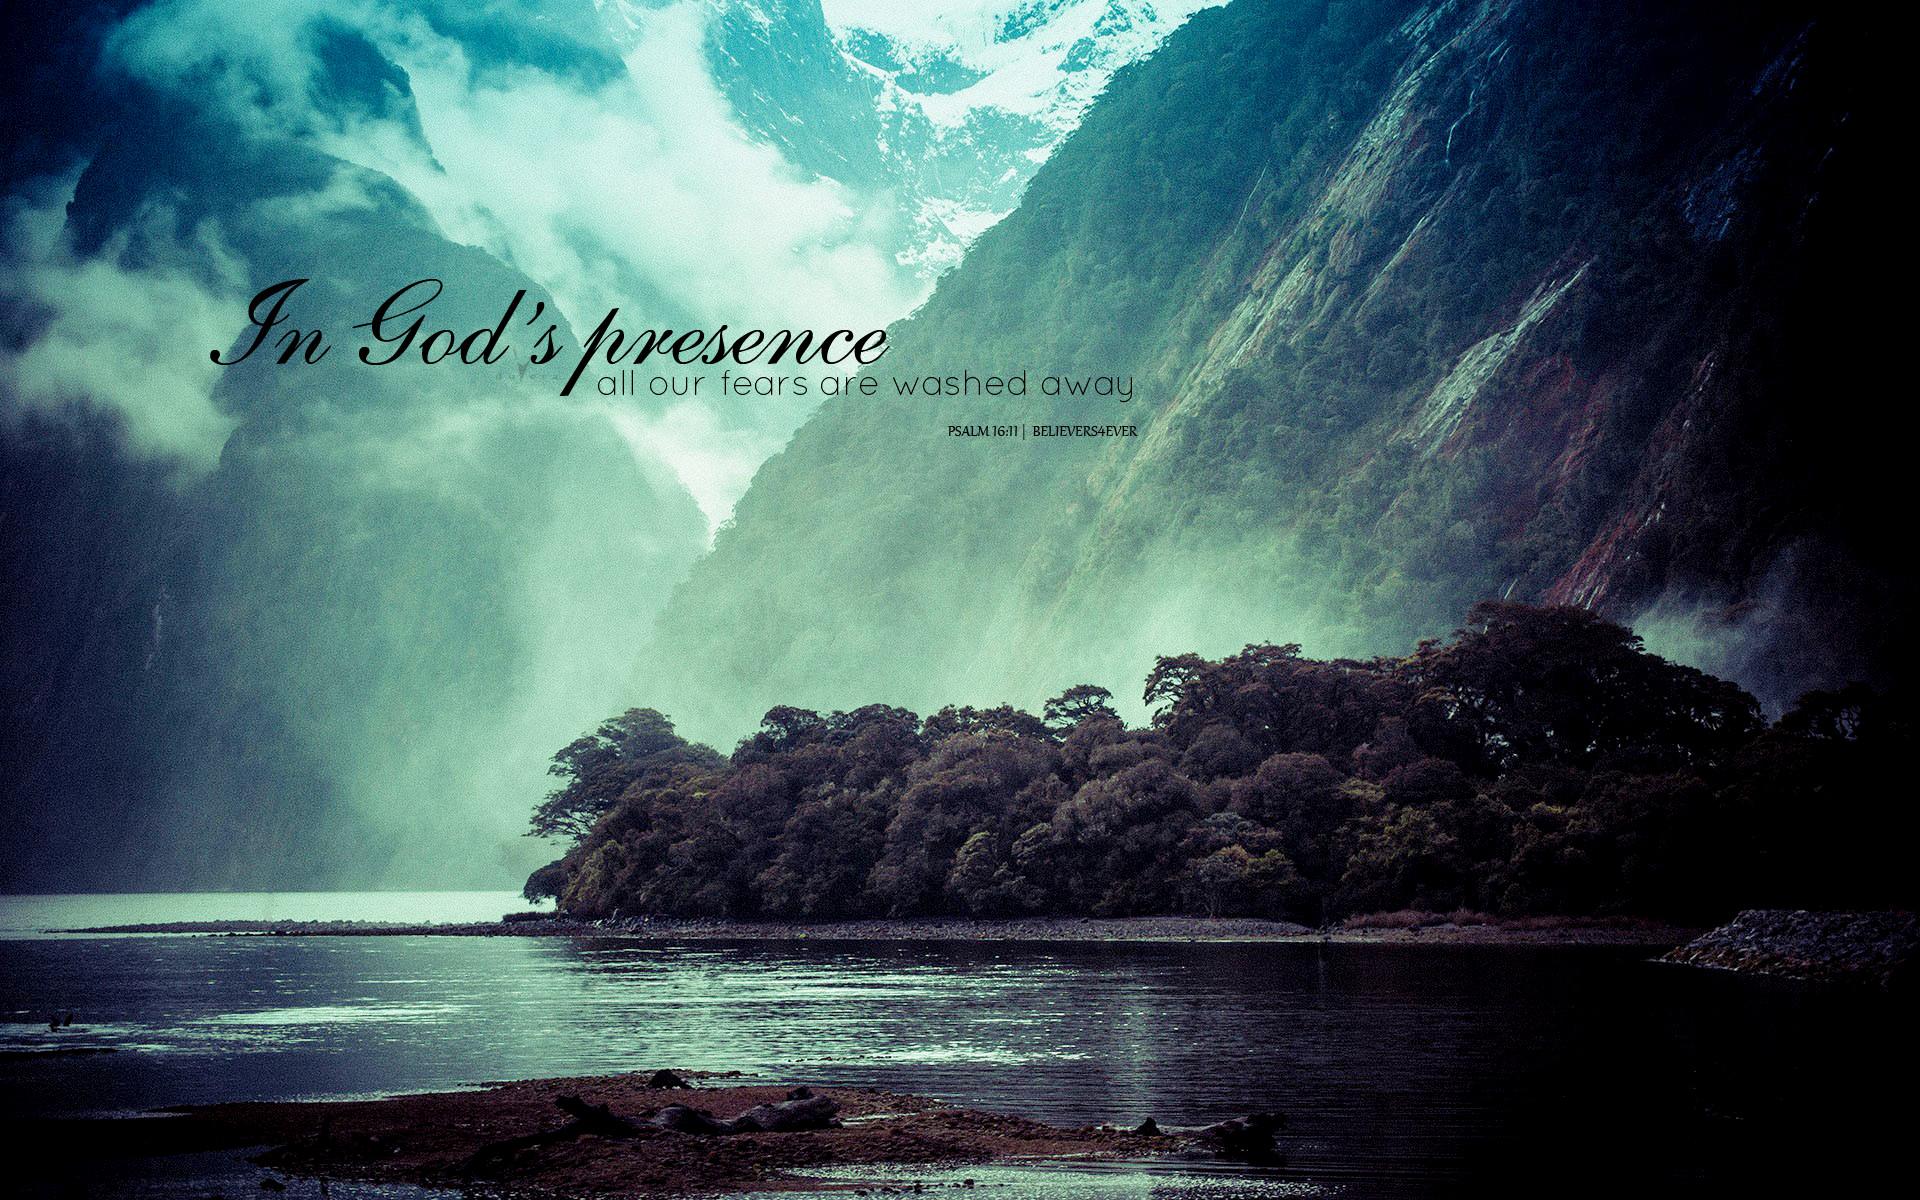 Christian Desktop Backgrounds (60+ Images